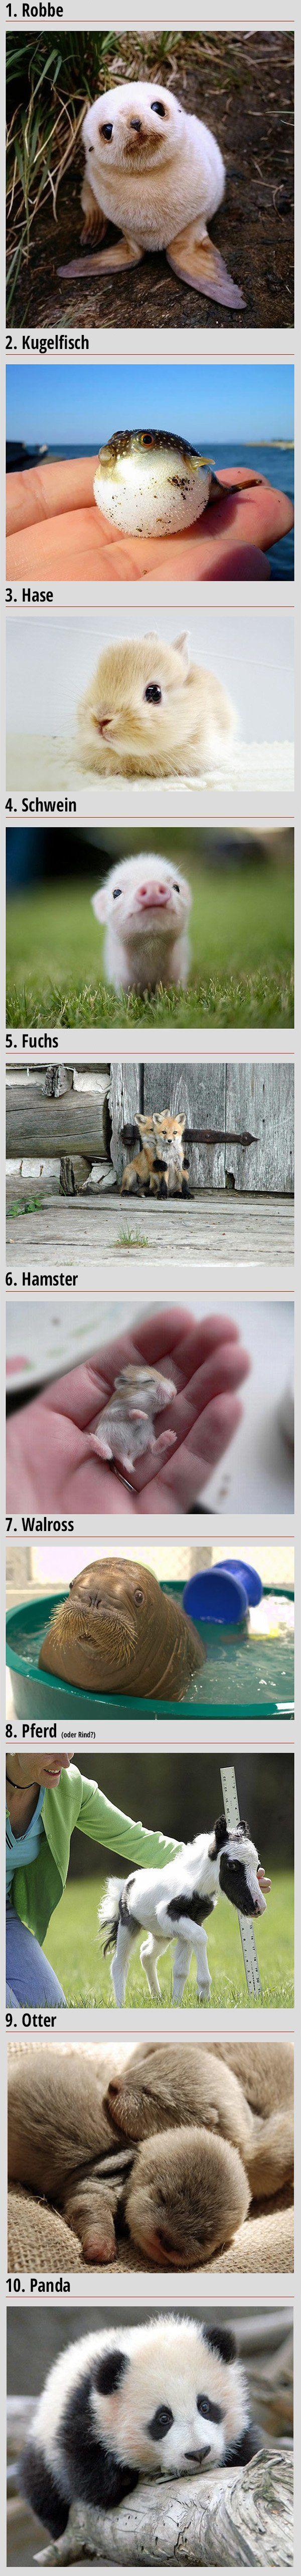 Die süßesten Tierbabys der Welt, Teil 2 - Cuteness Overload Bild | Webfail - Fail Bilder und Fail Videos